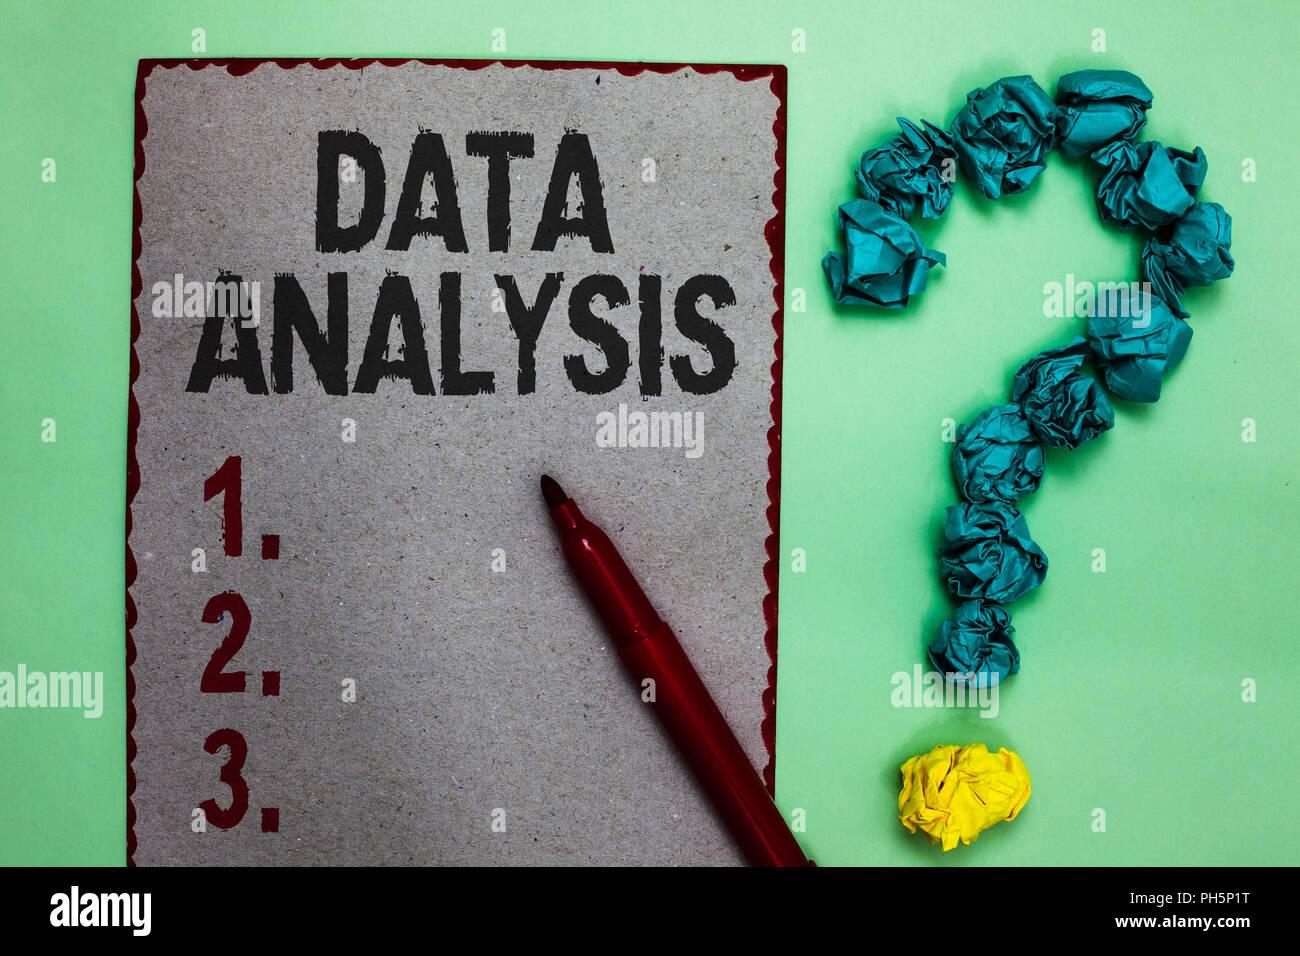 Testo della scrittura la scrittura dei dati di analisi. Concetto significato tradurre i numeri a conclusione analitiche di previsione carta Grigio Raggrinzato marcatore paper formi Immagini Stock